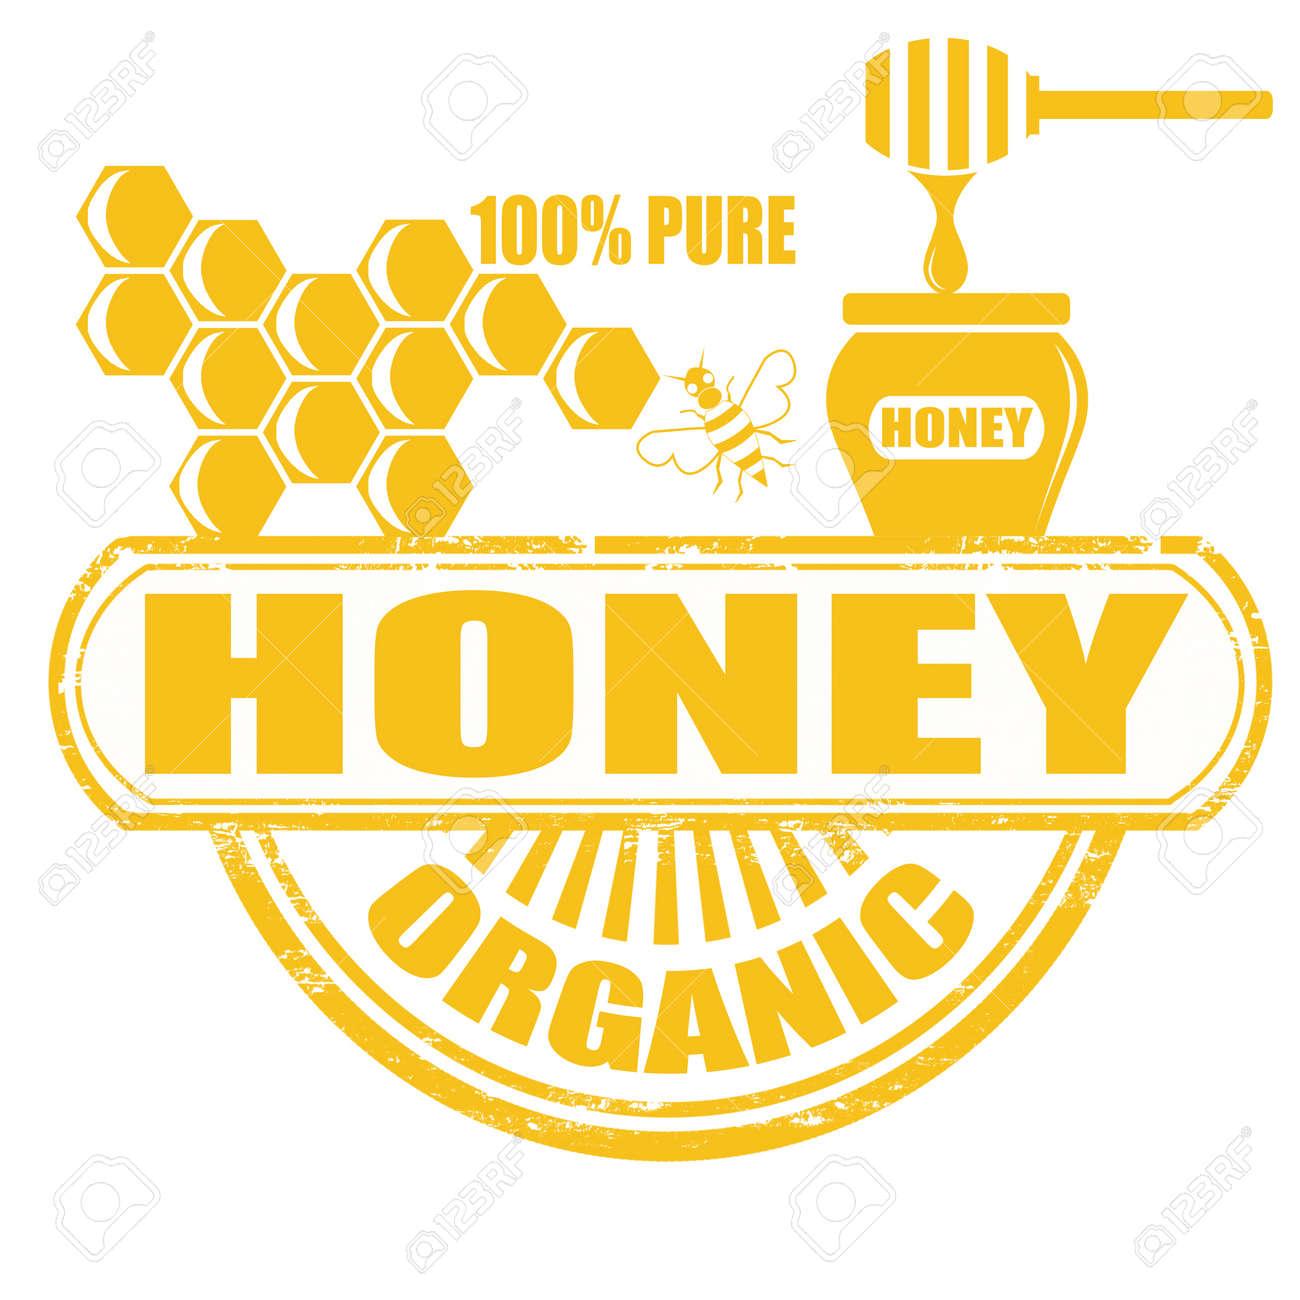 Honey grunge rubber stamp on white background, vector illustration Stock Vector - 19026248